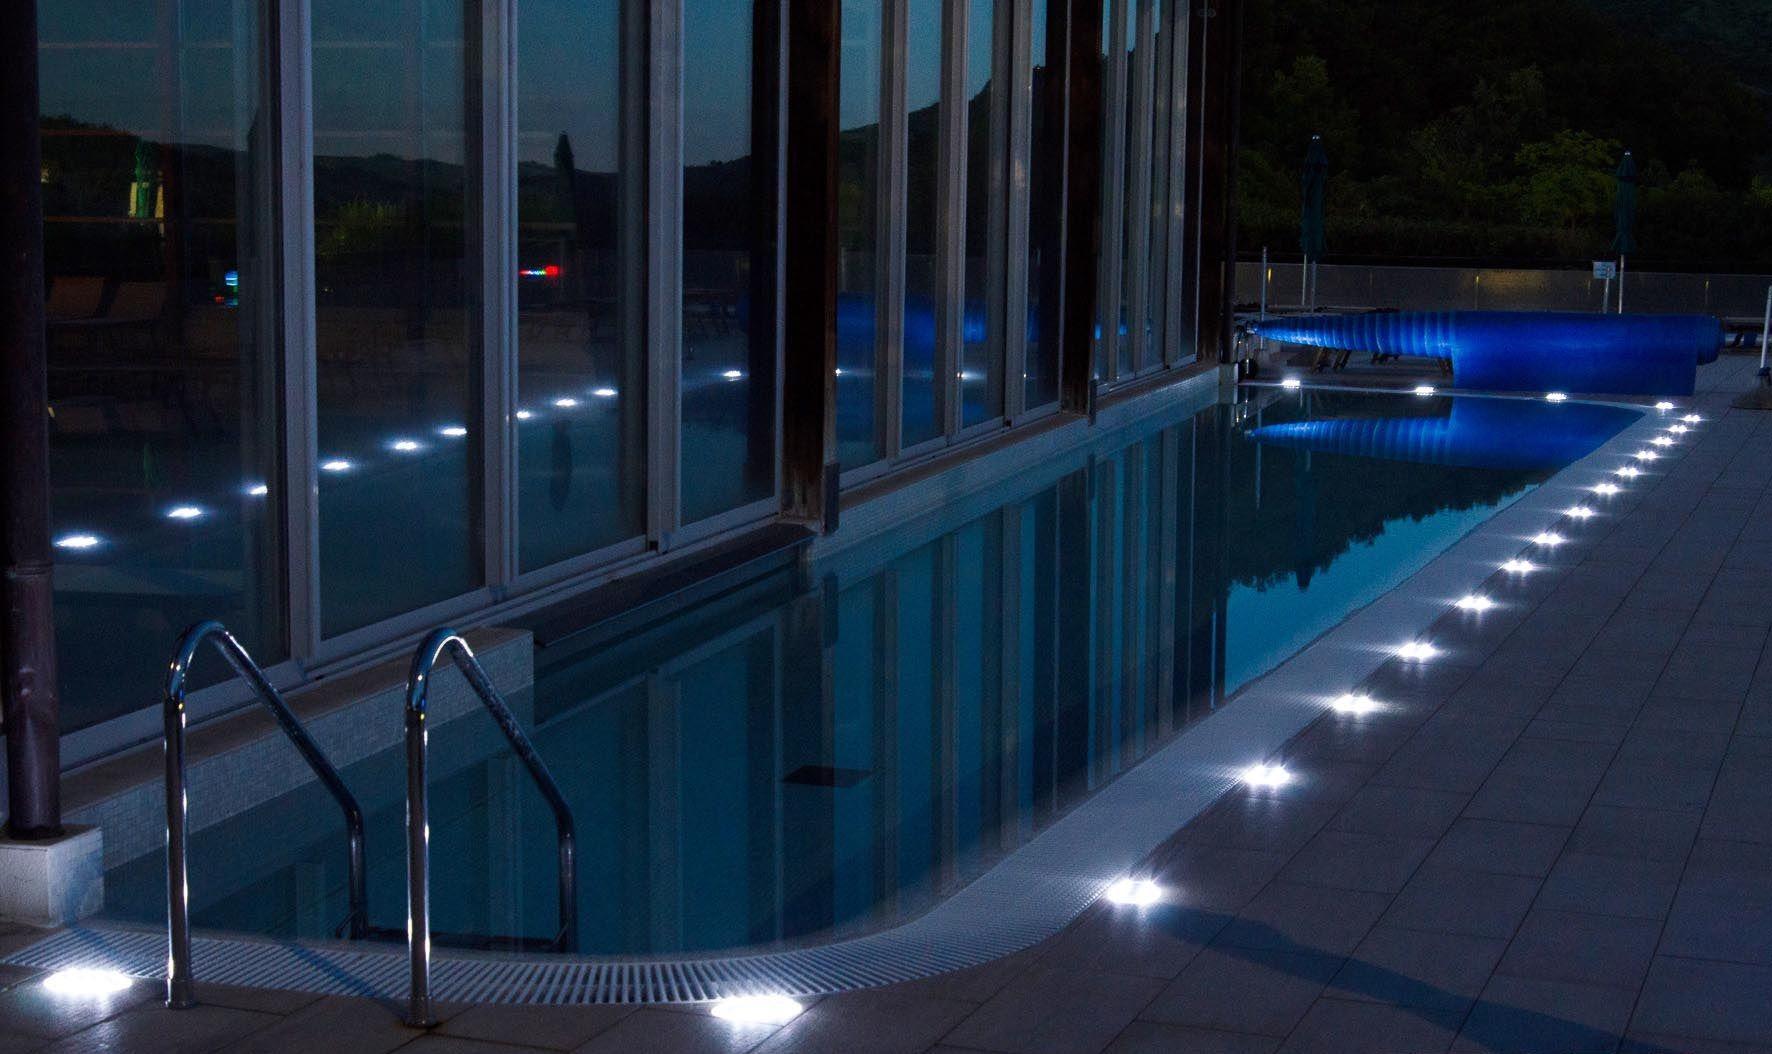 Pareti Esterne Illuminate : Il bordo di una piscina illuminato con faretti led a incasso